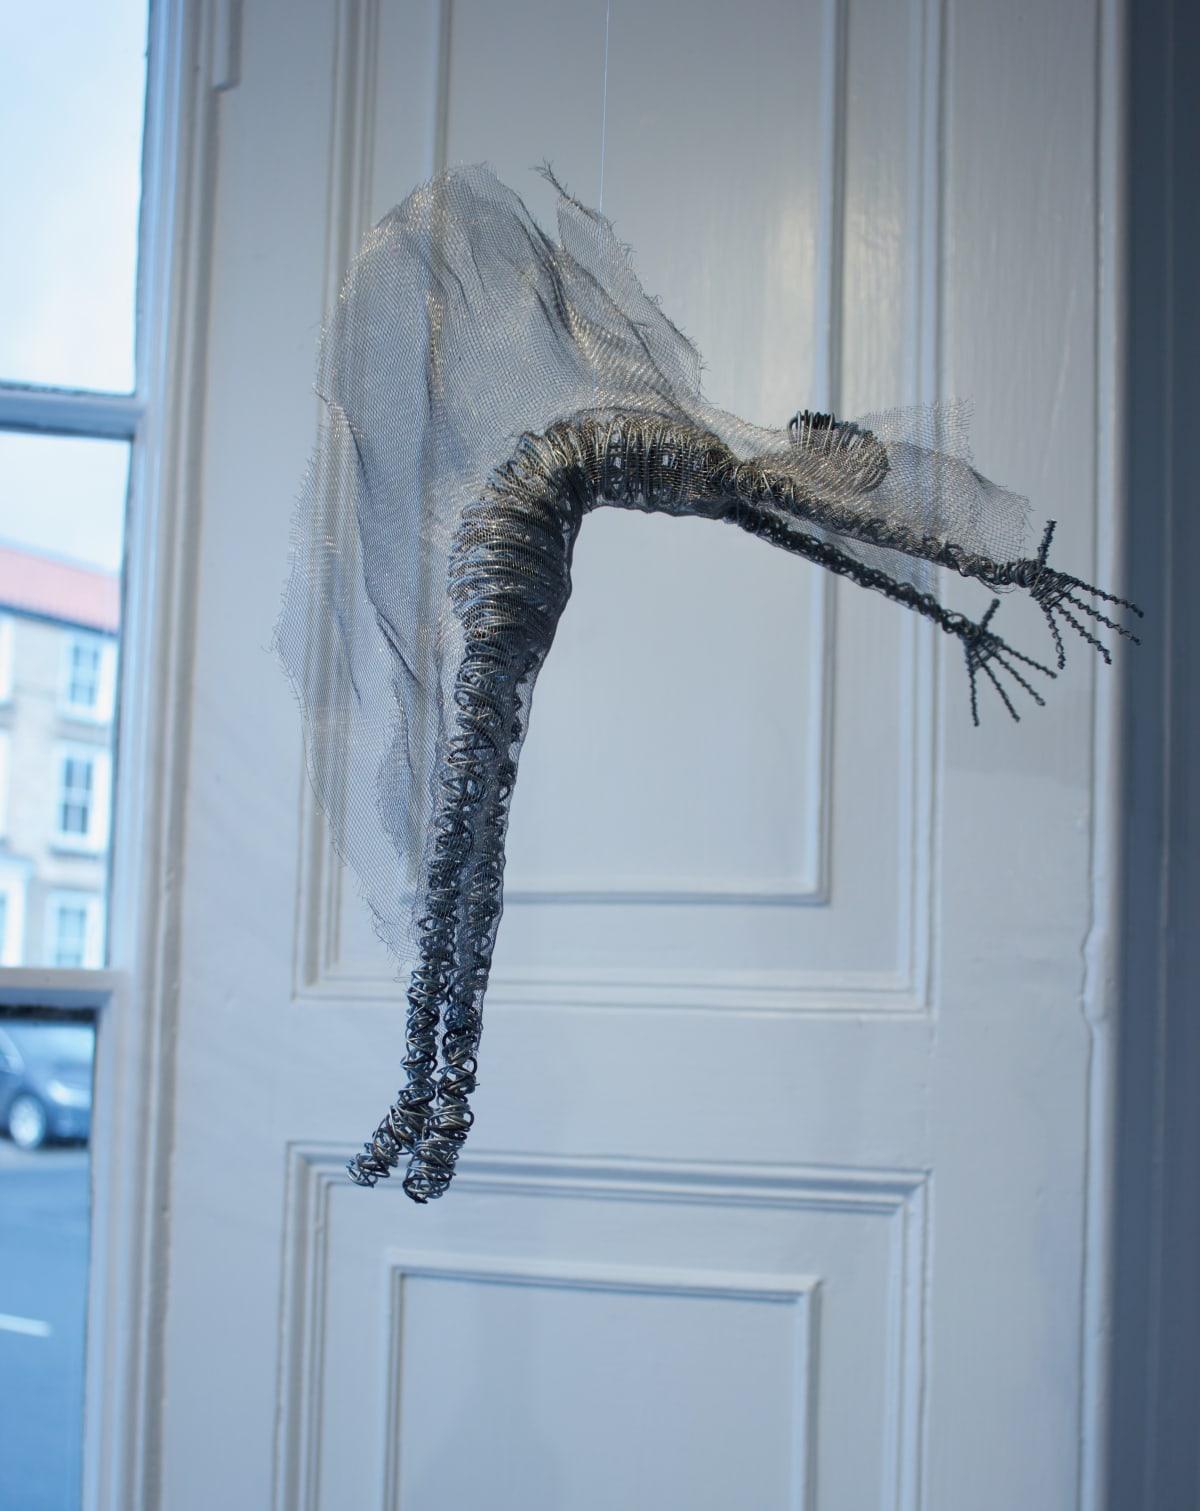 Rachel Ducker Mesh Dance - Suspended, 2019 Wire Sculpture